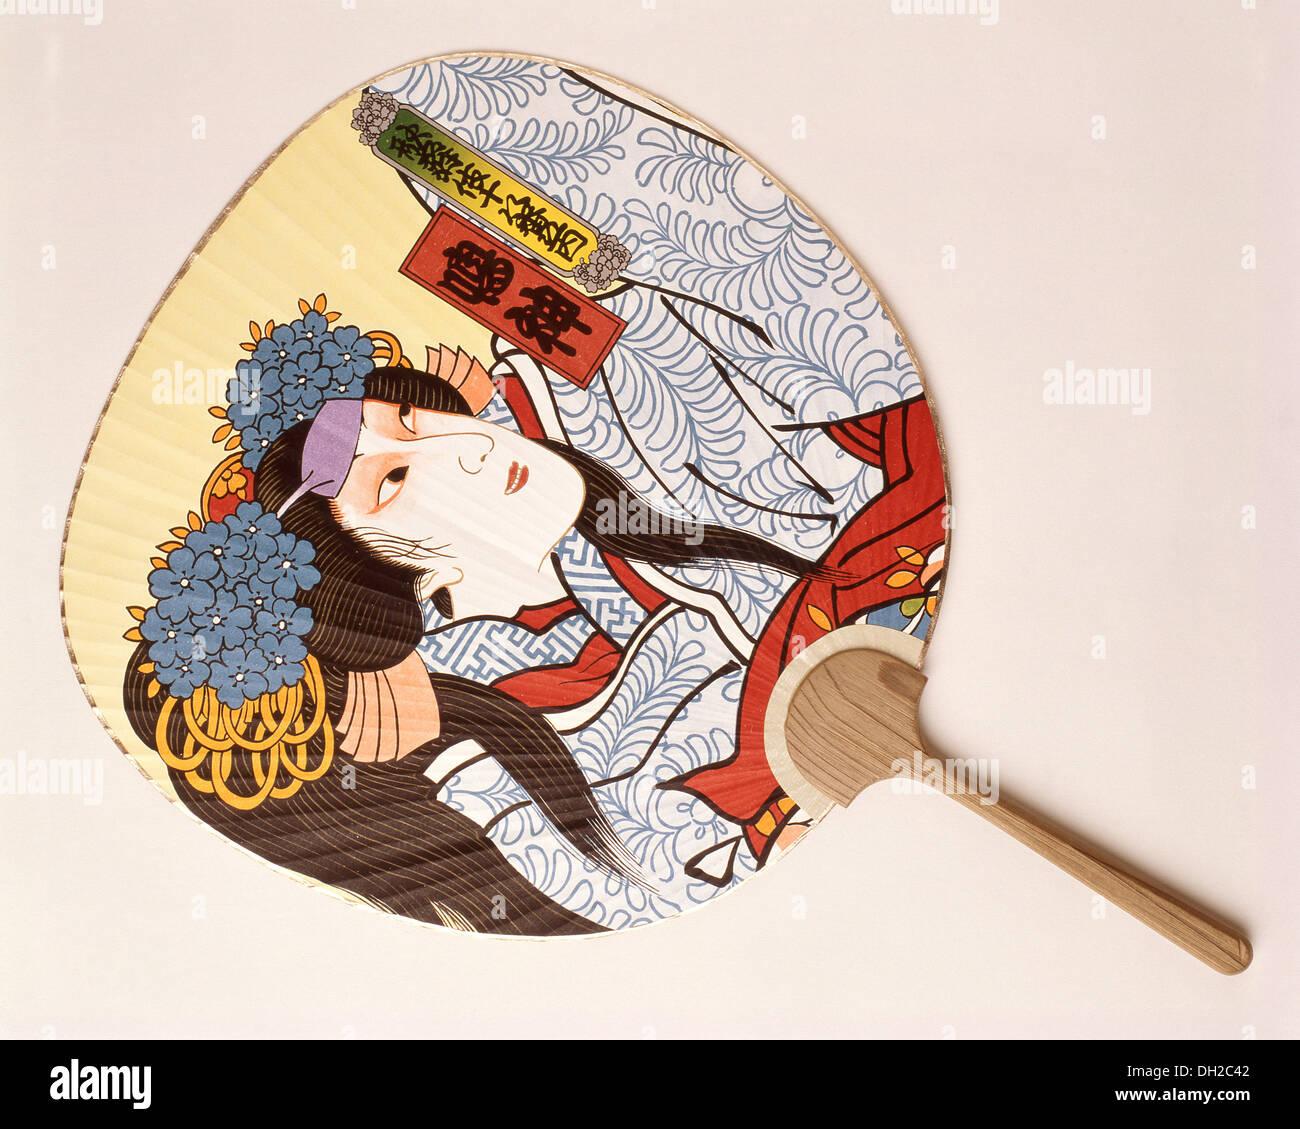 Japanese Kyw Urchiwa round fan, Kanagawa Prefecture, Honshu, Japan - Stock Image